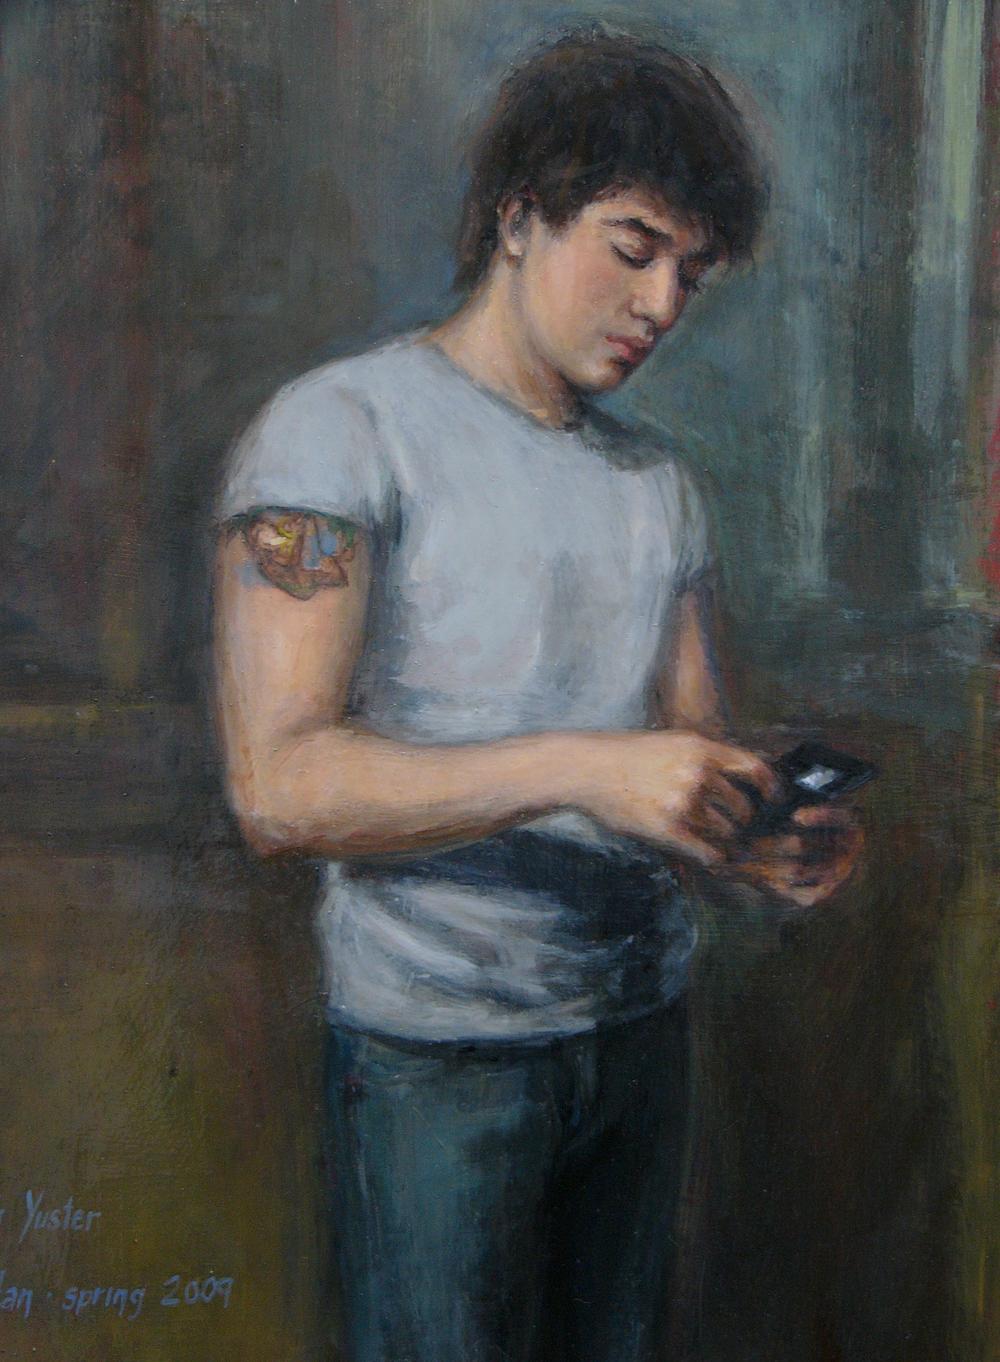 Ian at Eighteen